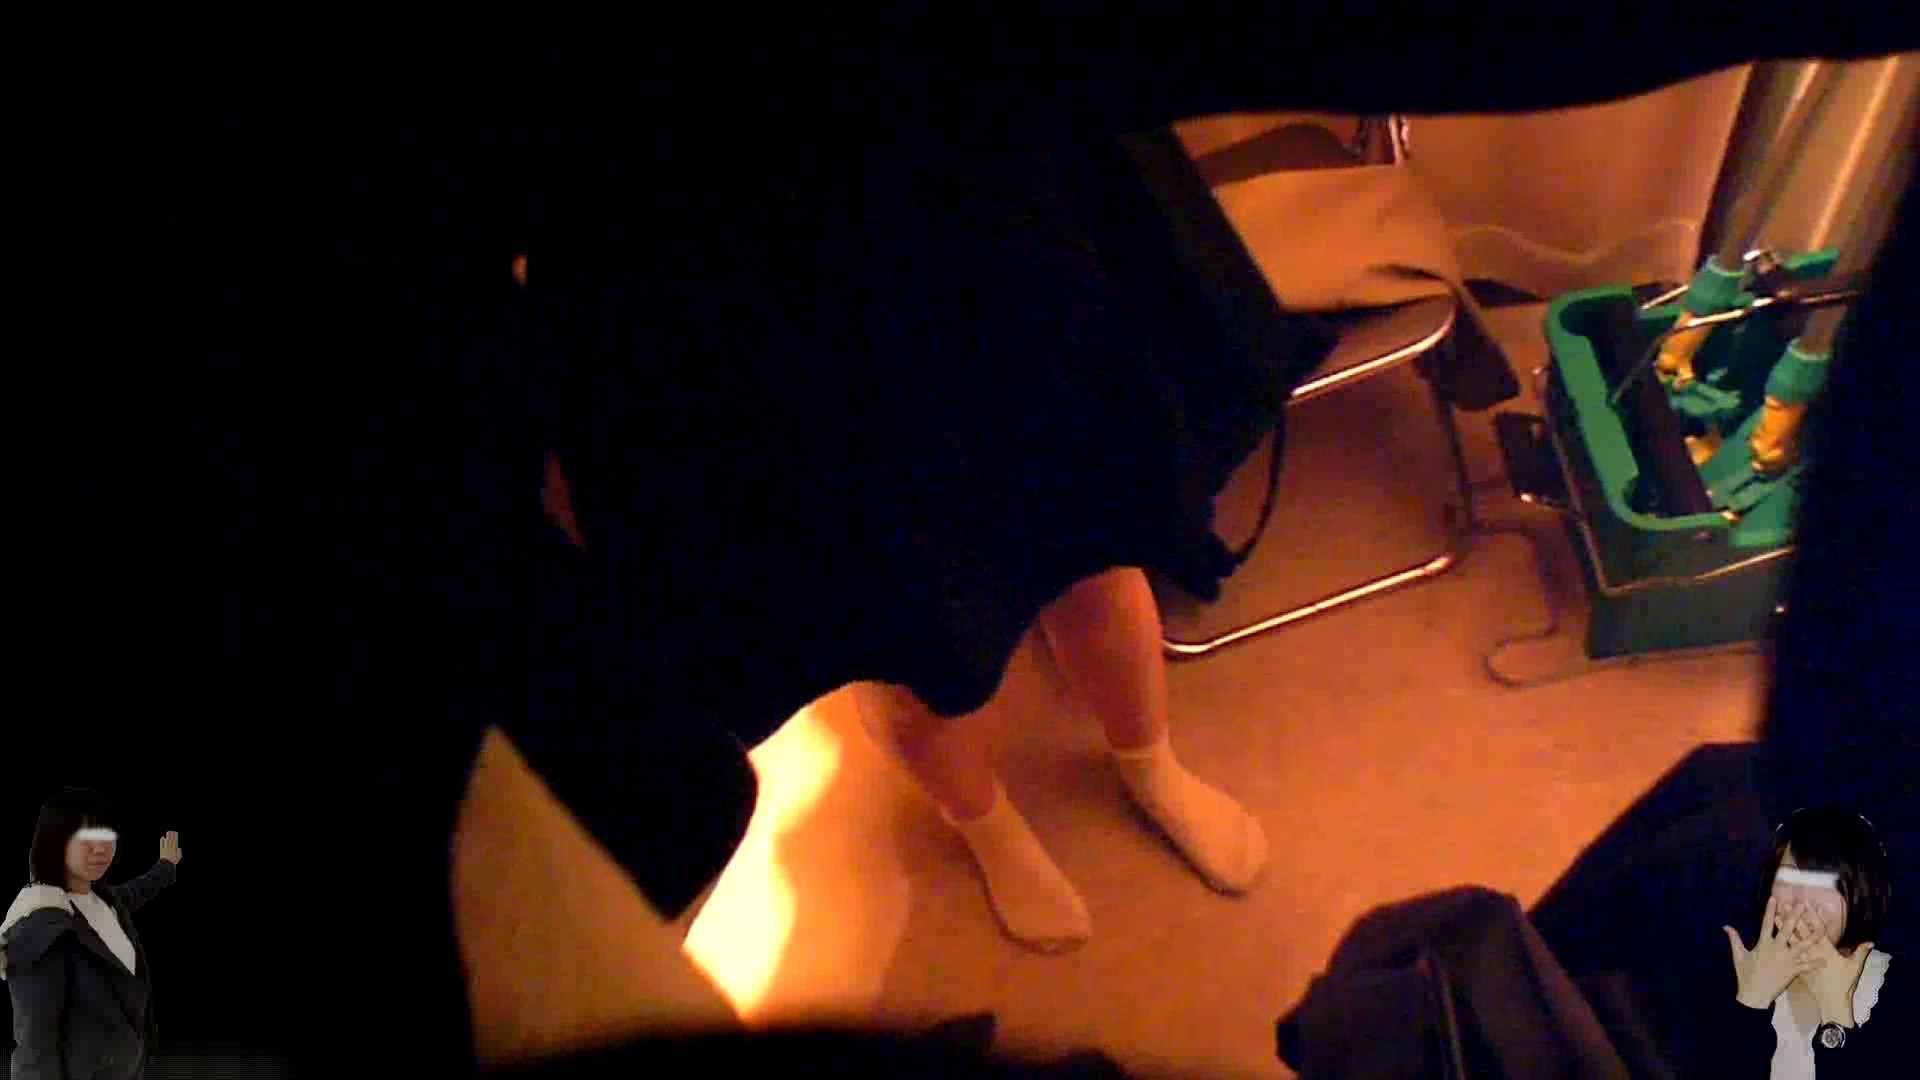 素人投稿 現役「JD」Eちゃんの着替え Vol.04 素人エロ画像 ヌード画像 76PICs 63